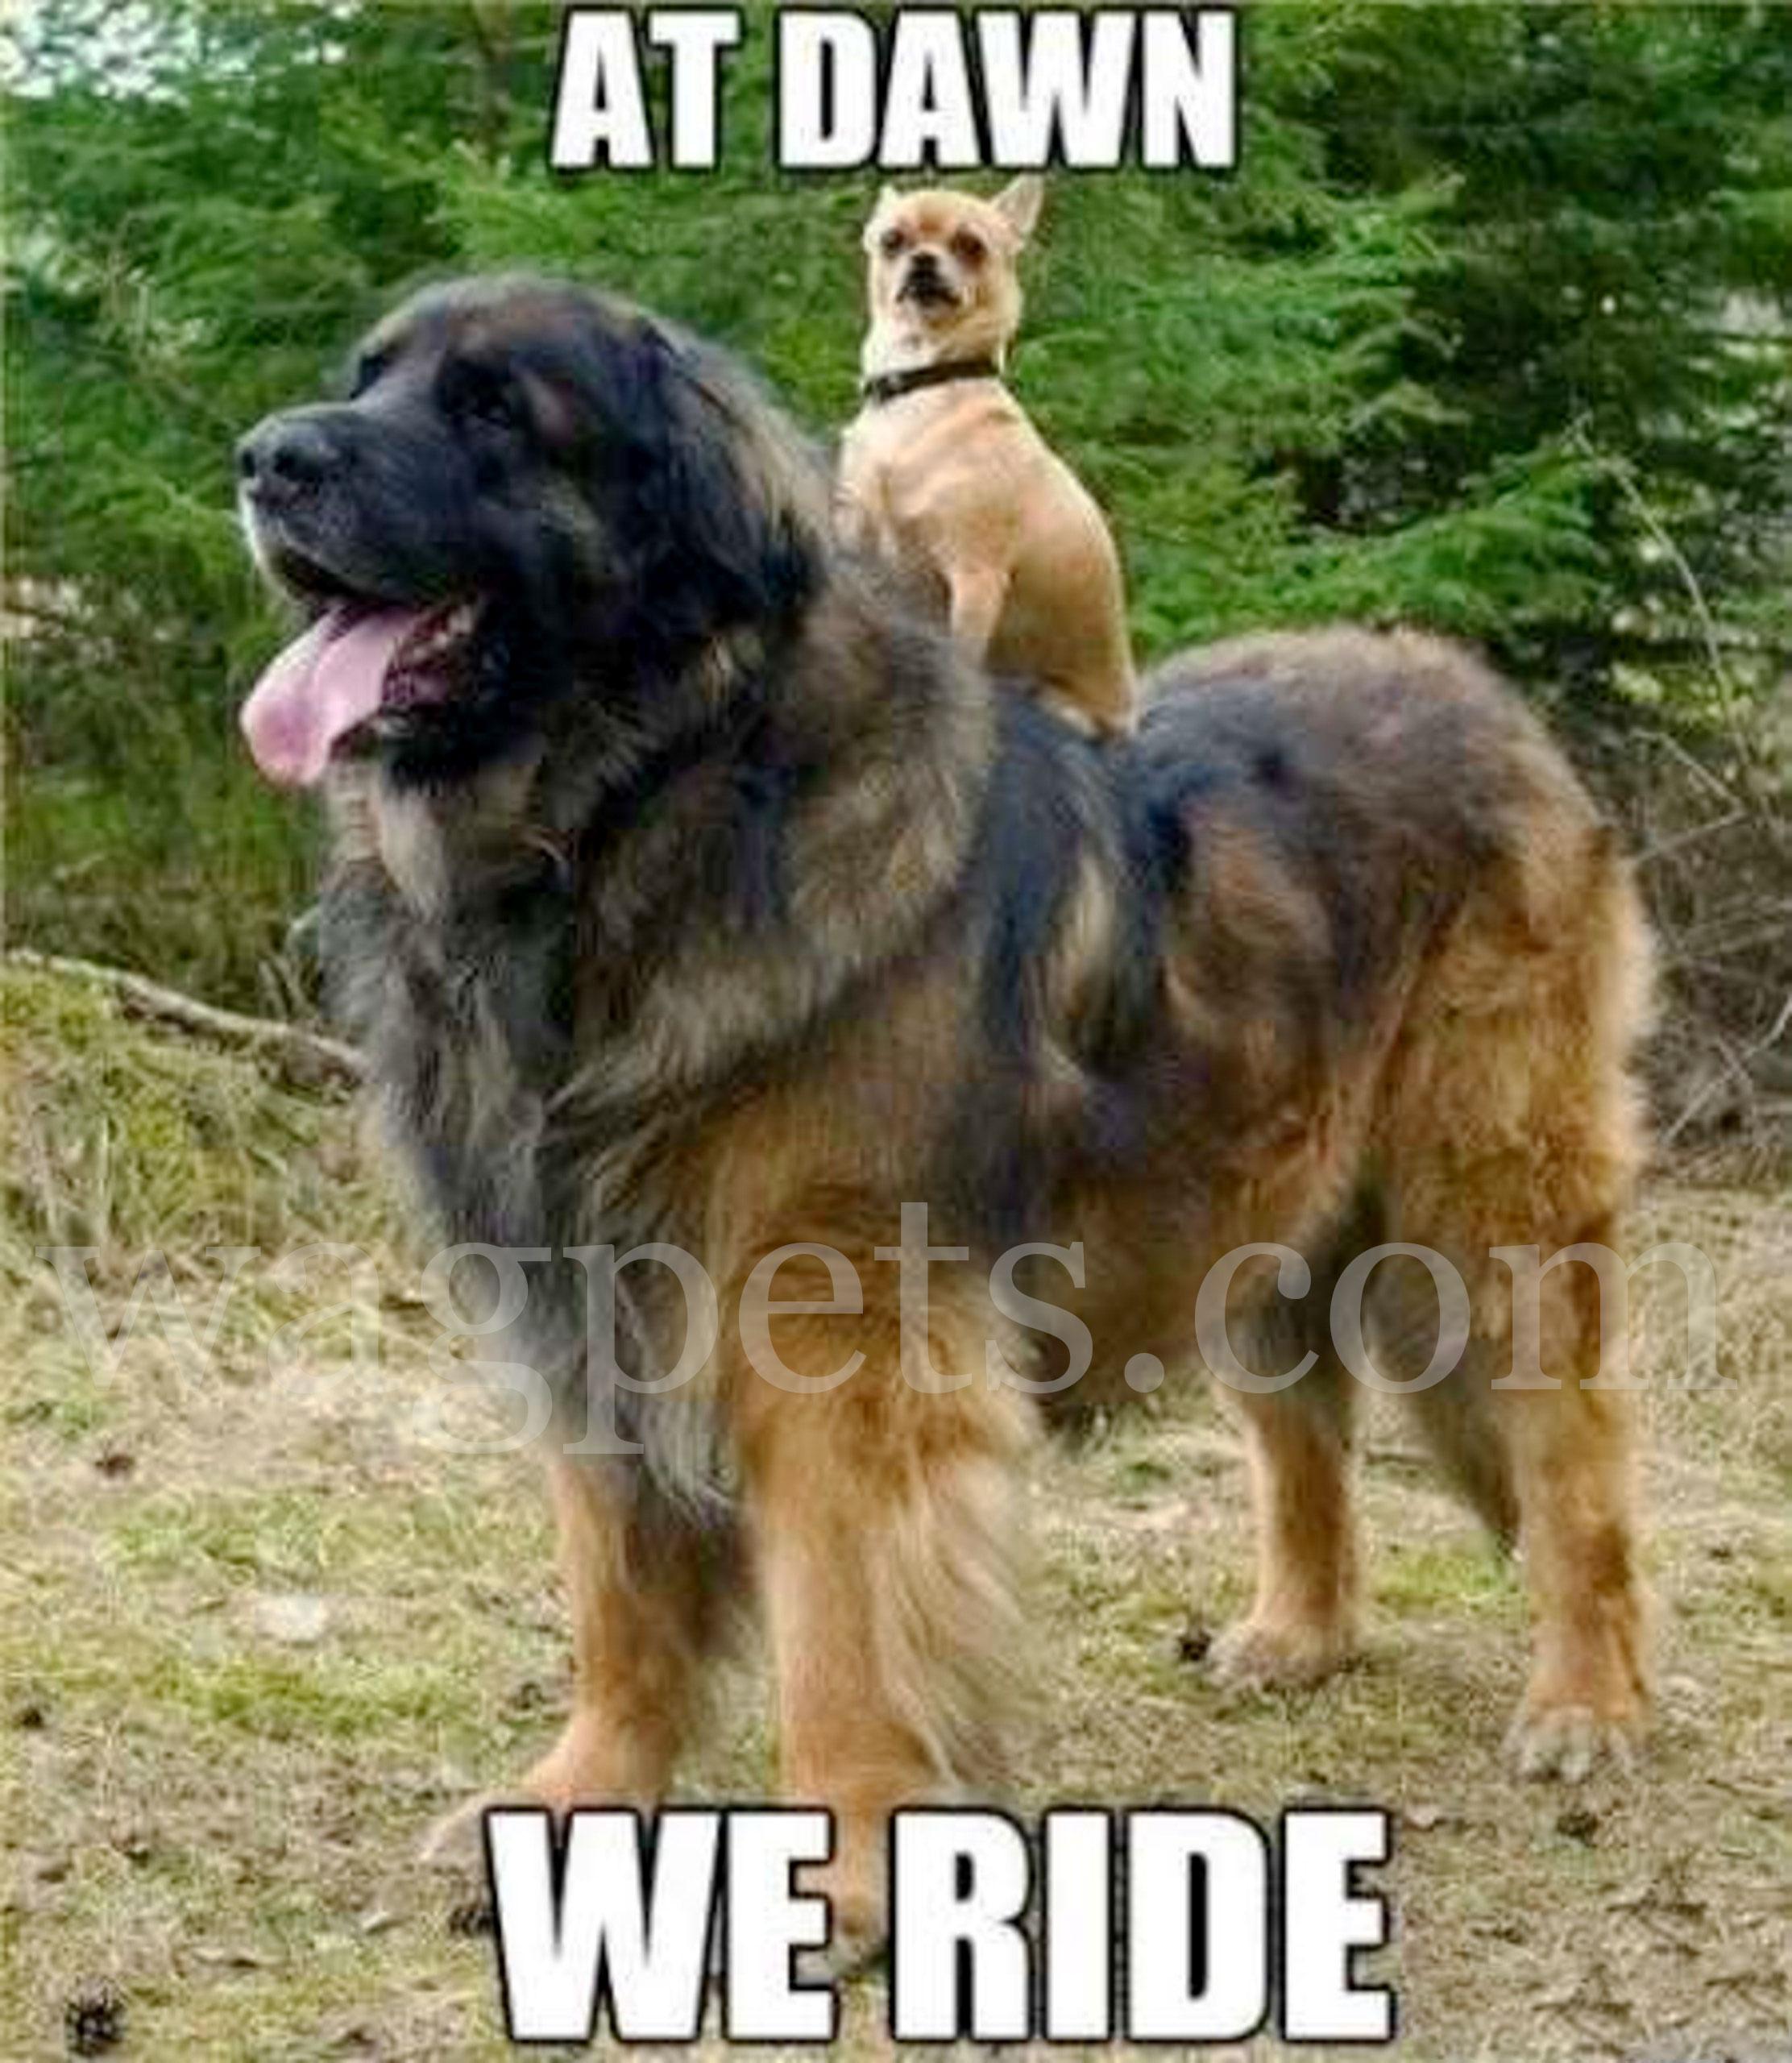 At down we ride